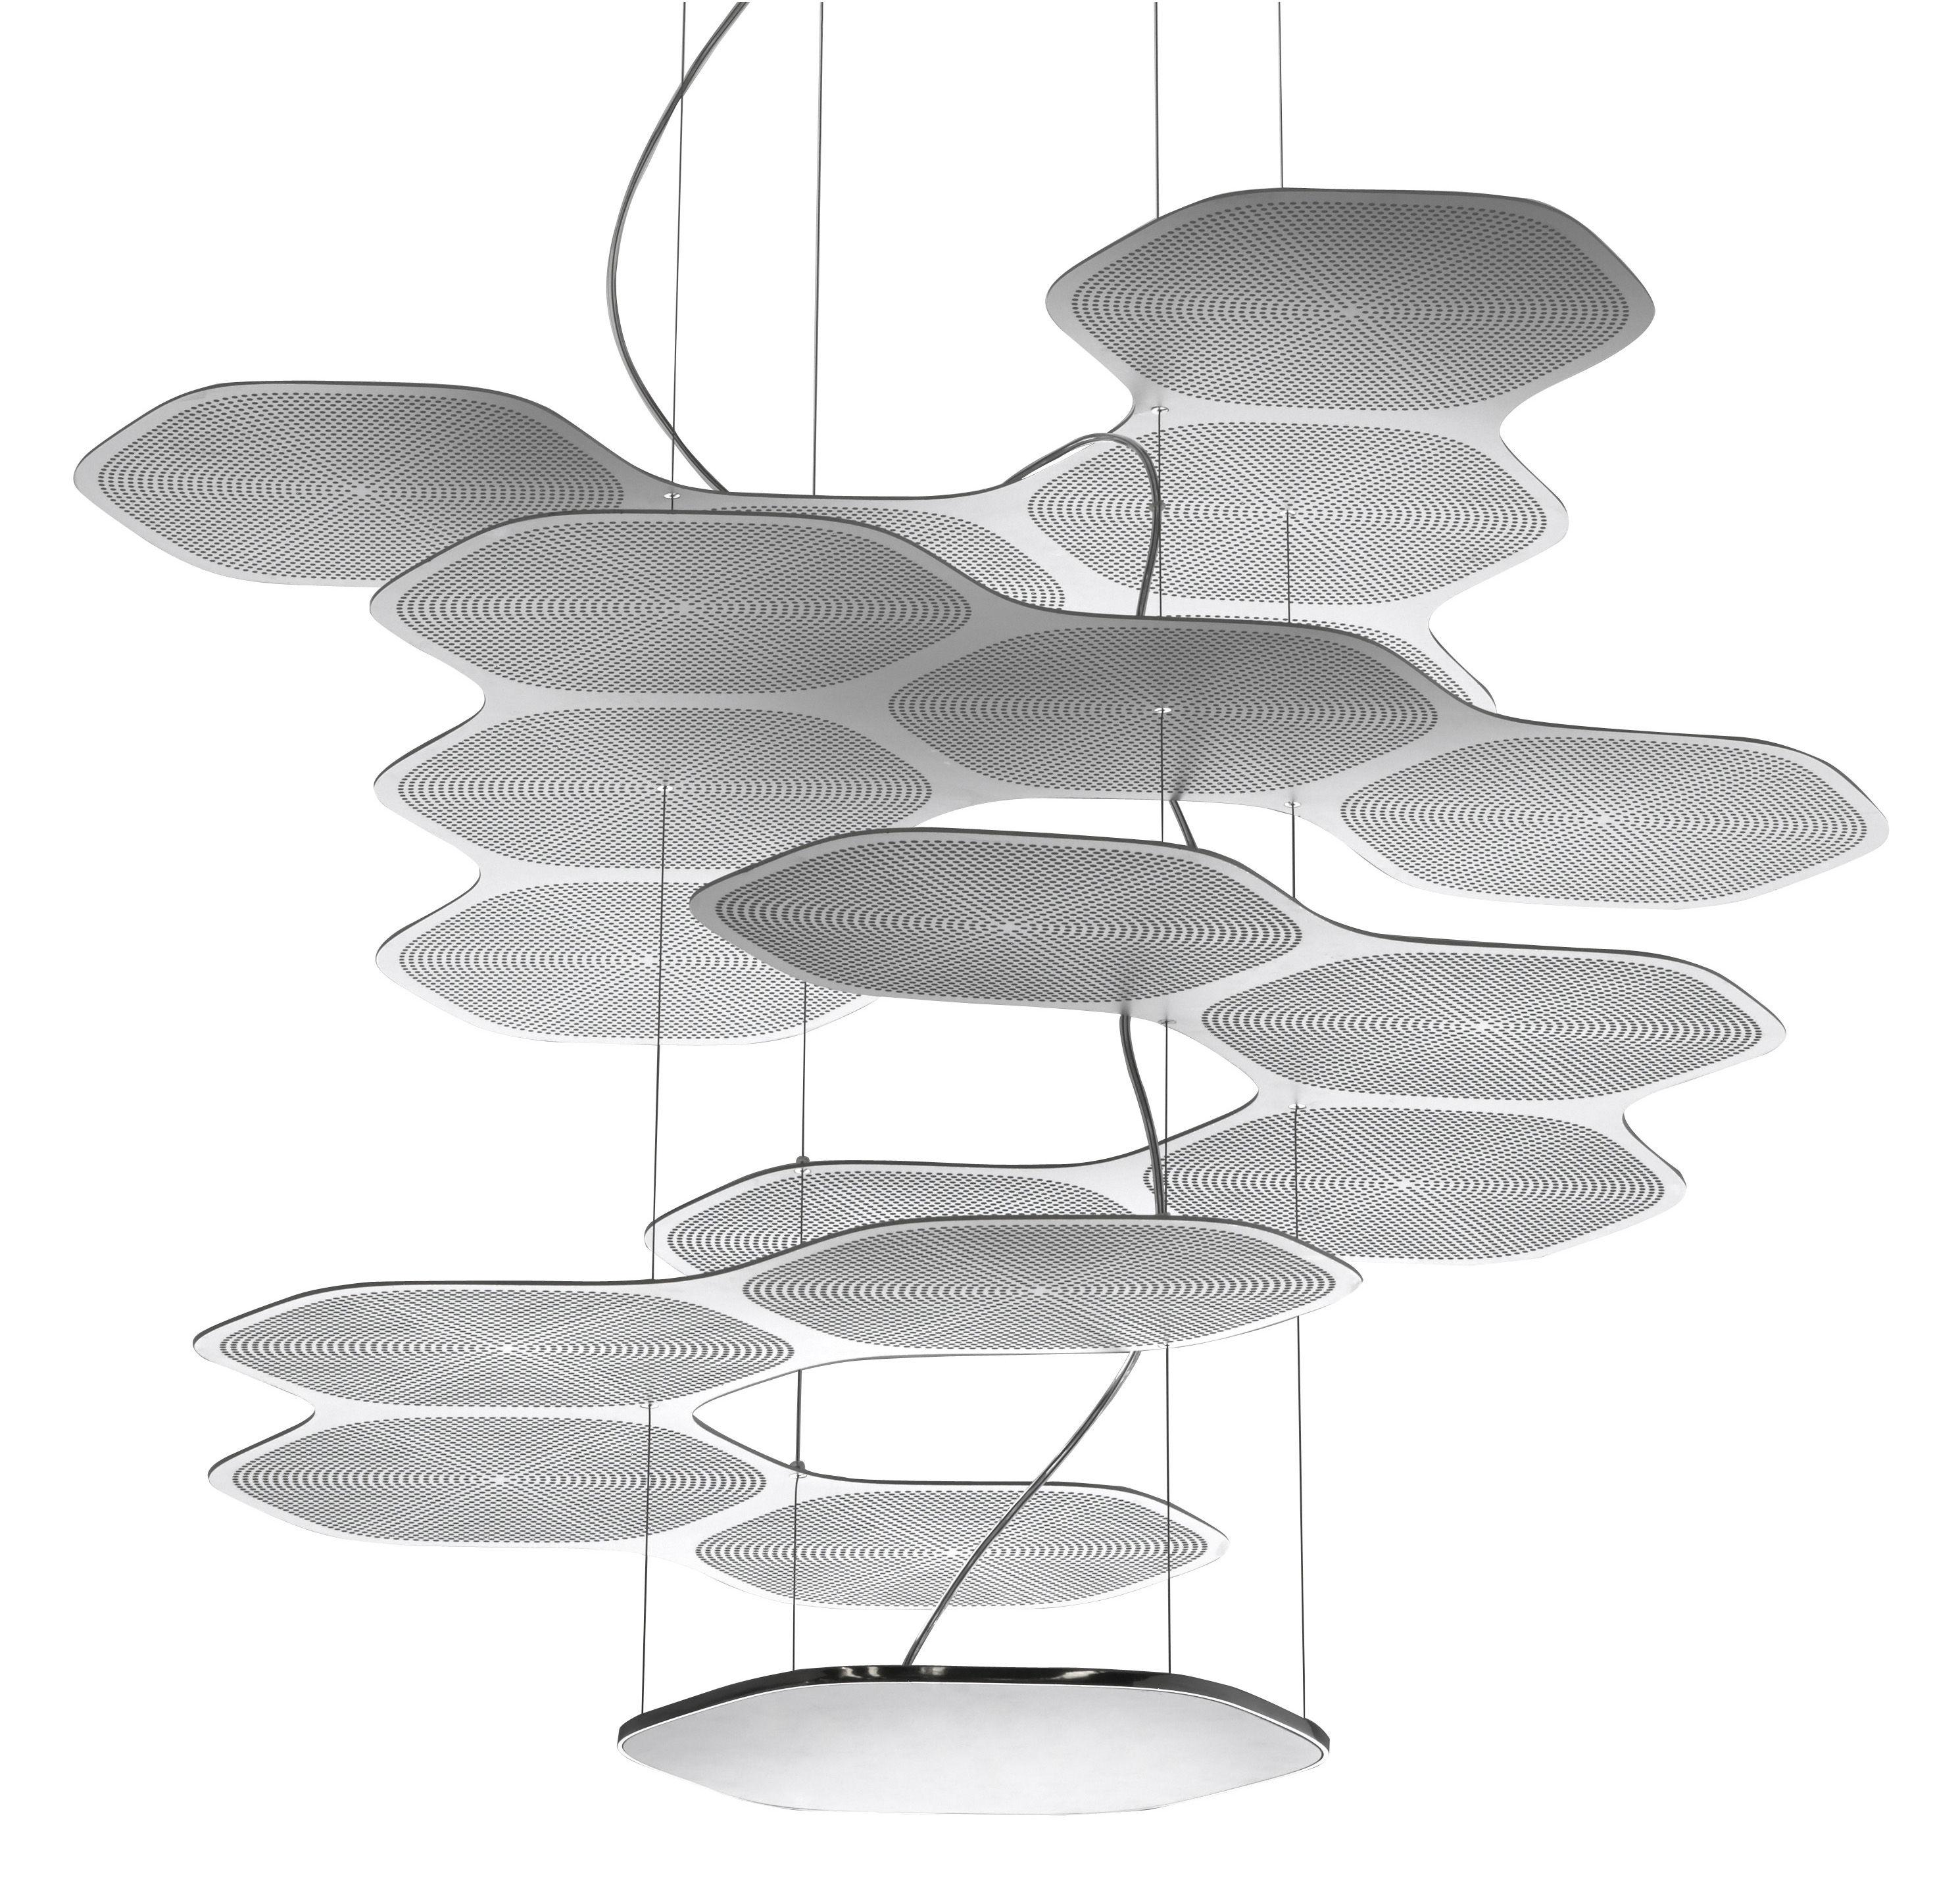 Luminaire - Suspensions - Suspension Space Cloud / LED - Artemide - Aluminium - Acier, Aluminium